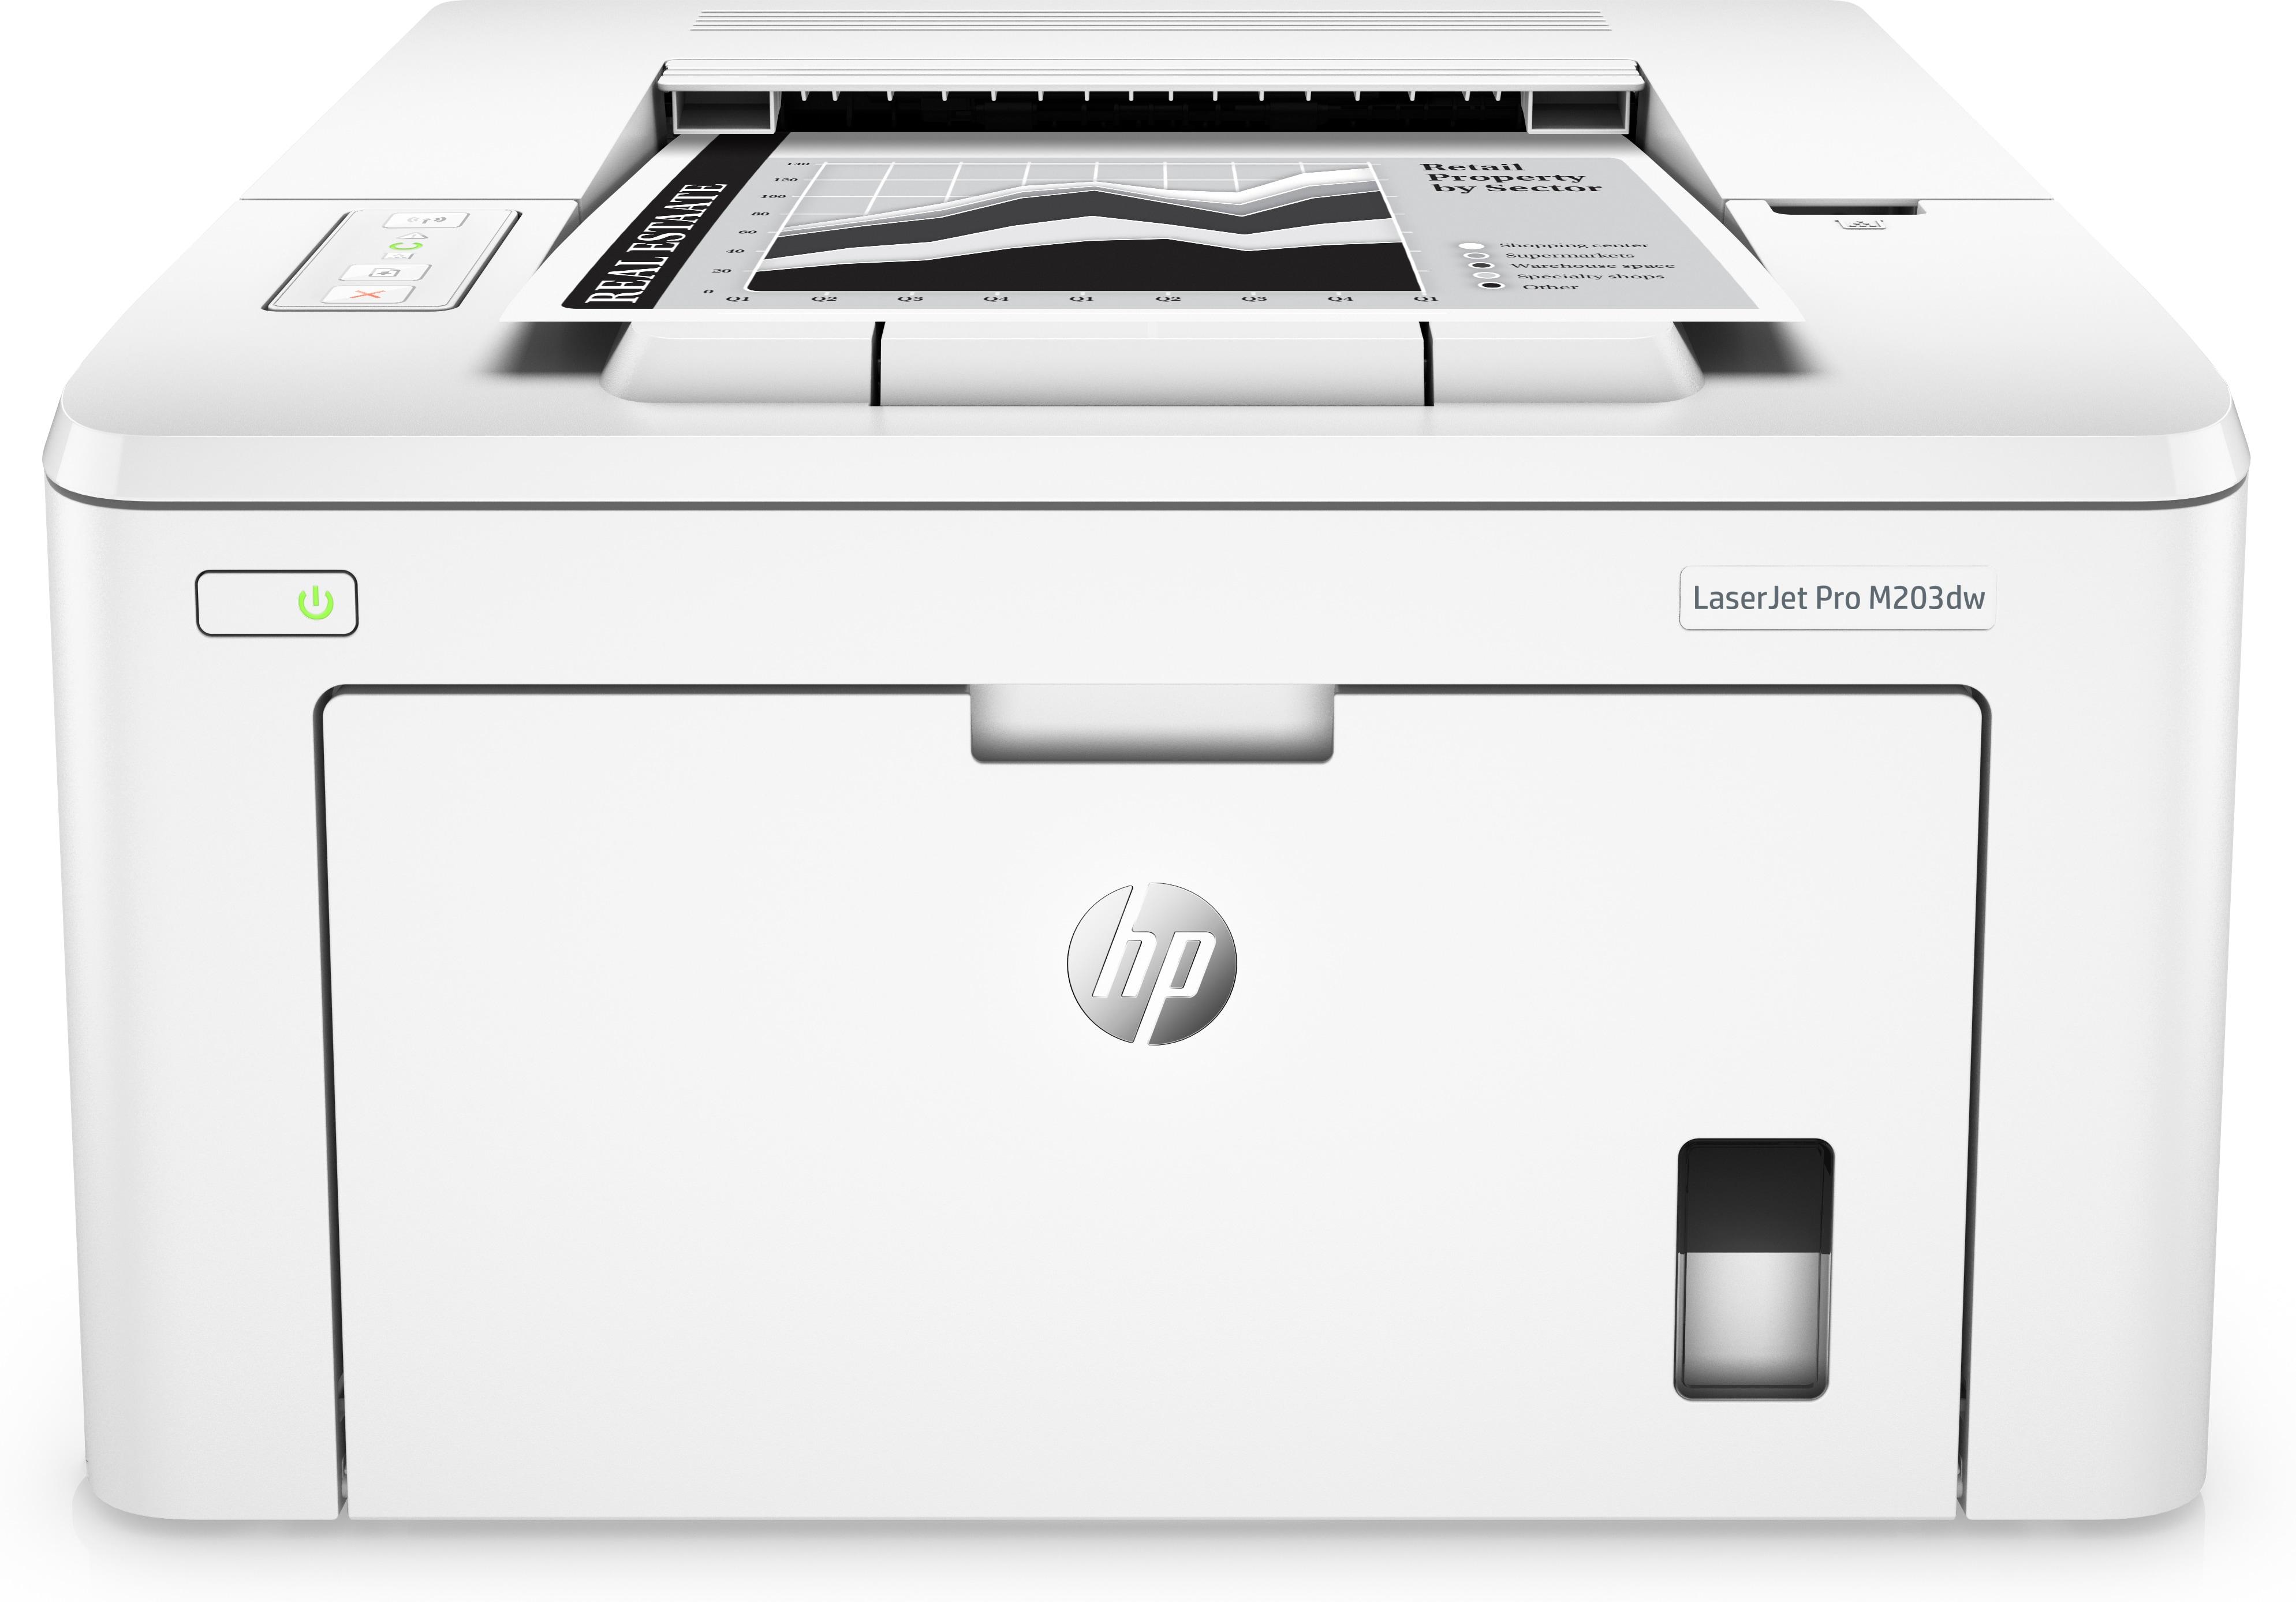 LaserJet Pro M203dw Laserprinter (monochrome, duplex, A4, 1200 x 1200 dpi, 28 ppm, USB 2.0, LAN, Wi-Fi)